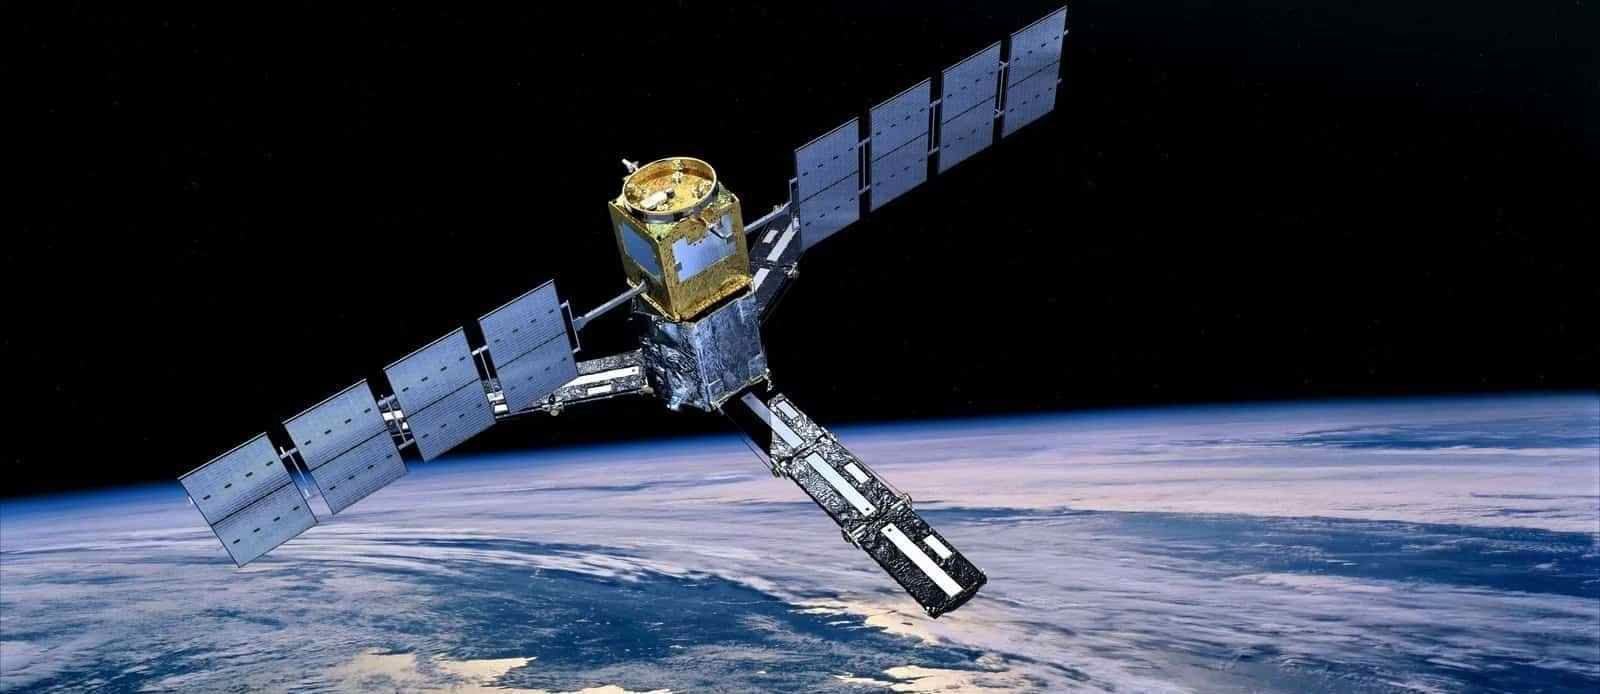 Створення американських космічних сил — це великий крок уперед